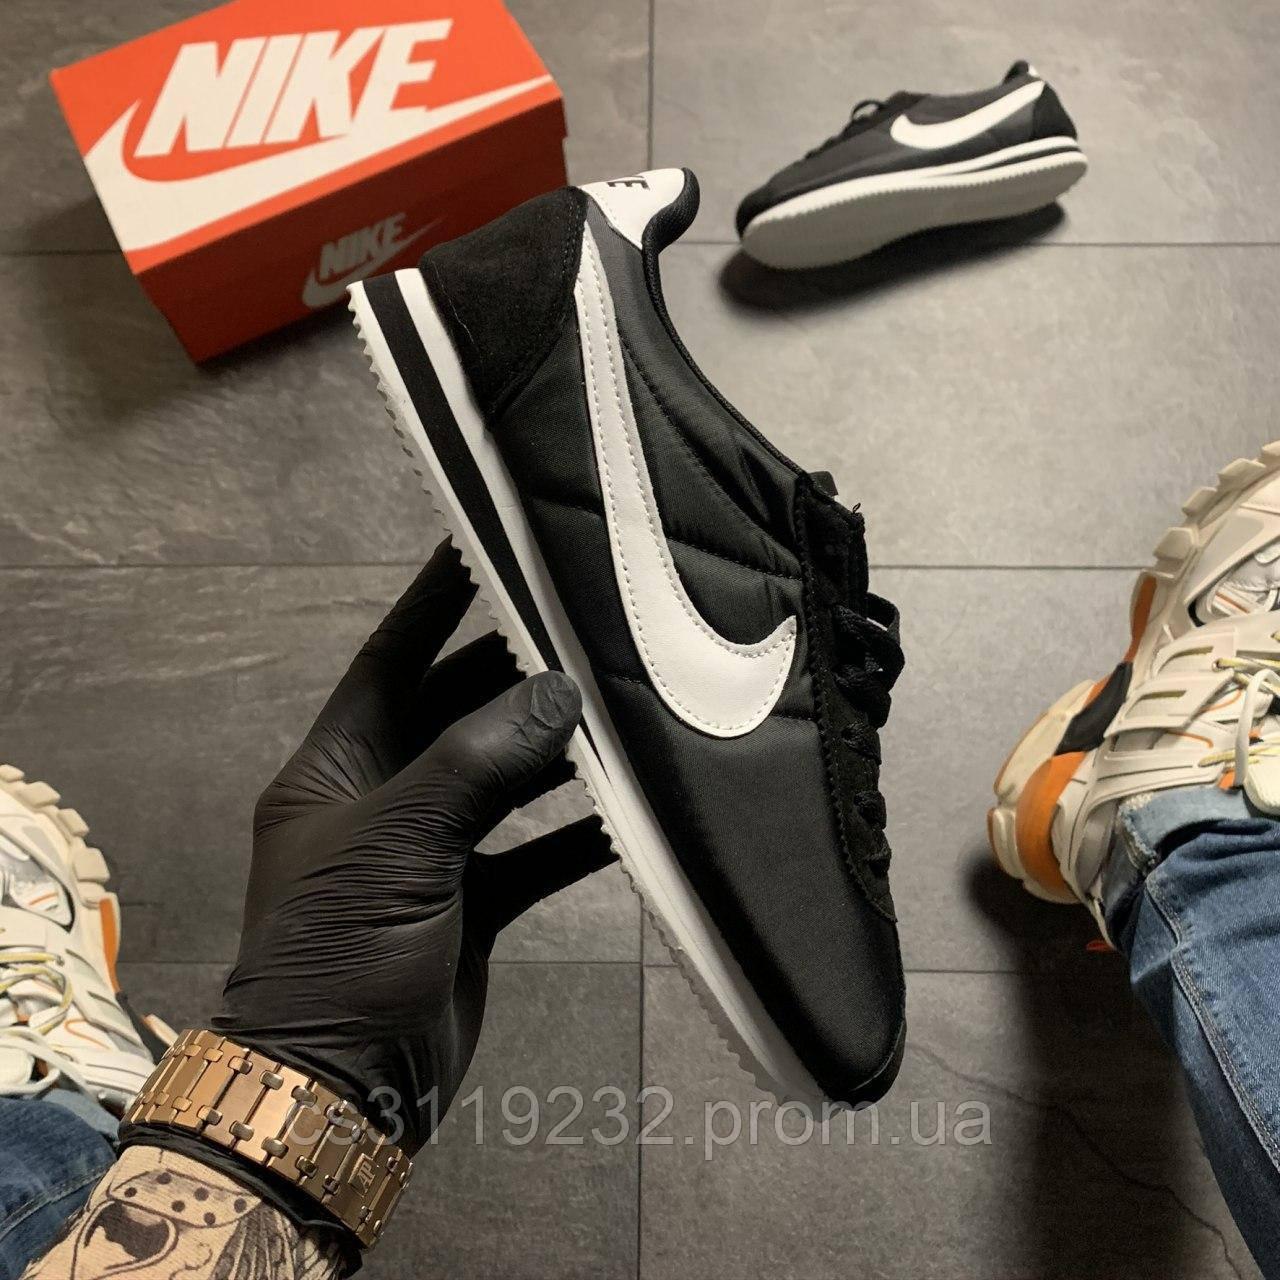 Чоловічі кросівки Nike Cortez Black White (чорні)